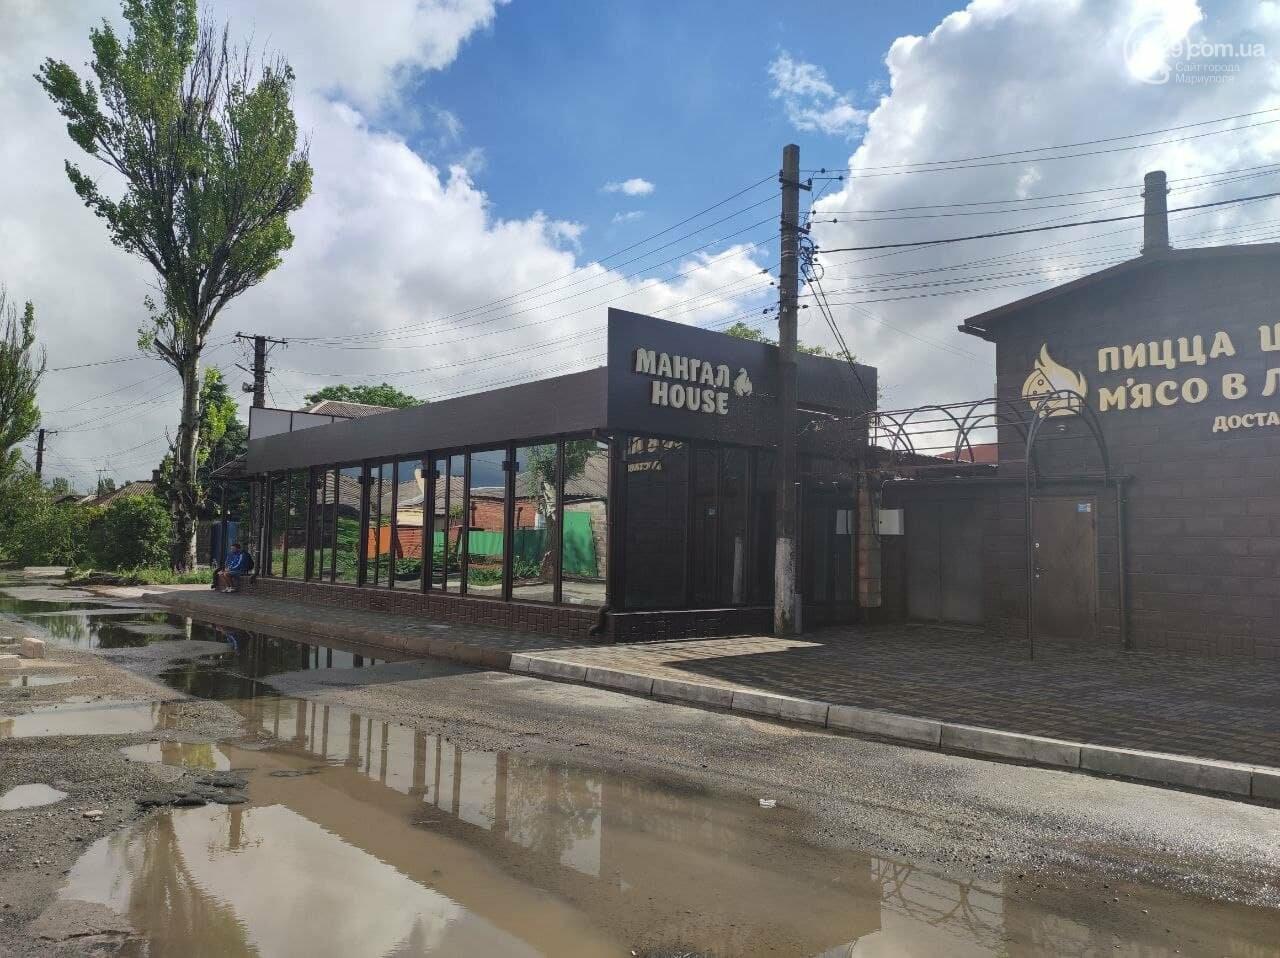 Пешеходов вытеснили: в Мариуполе кафе полностью захватило тротуар, - ФОТО, фото-7